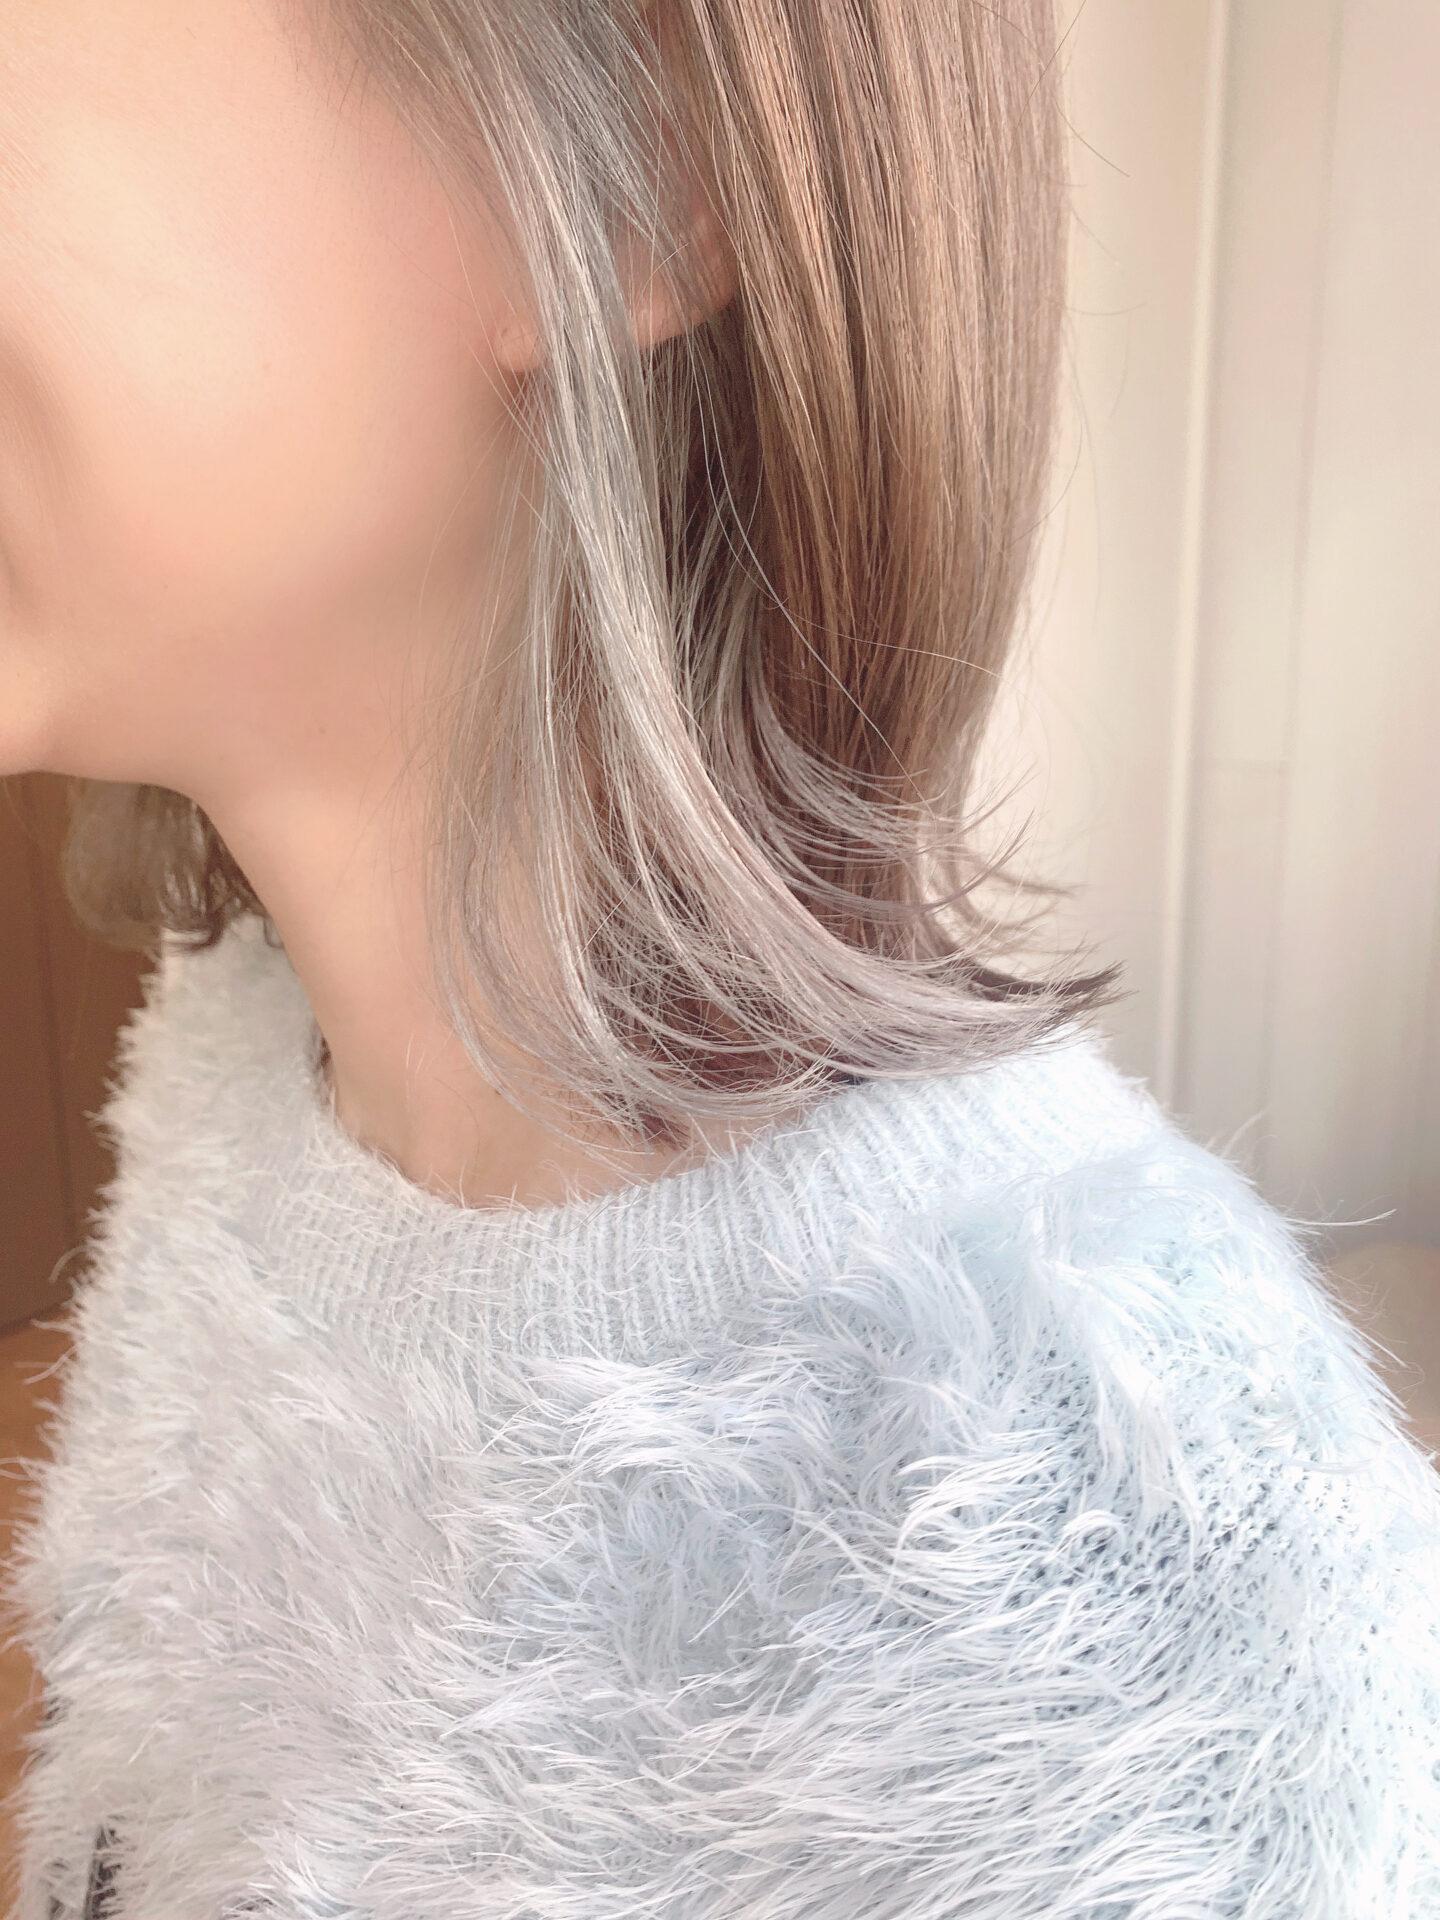 組み合わせる色で楽しめます♪イヤリングカラー☆^ ^